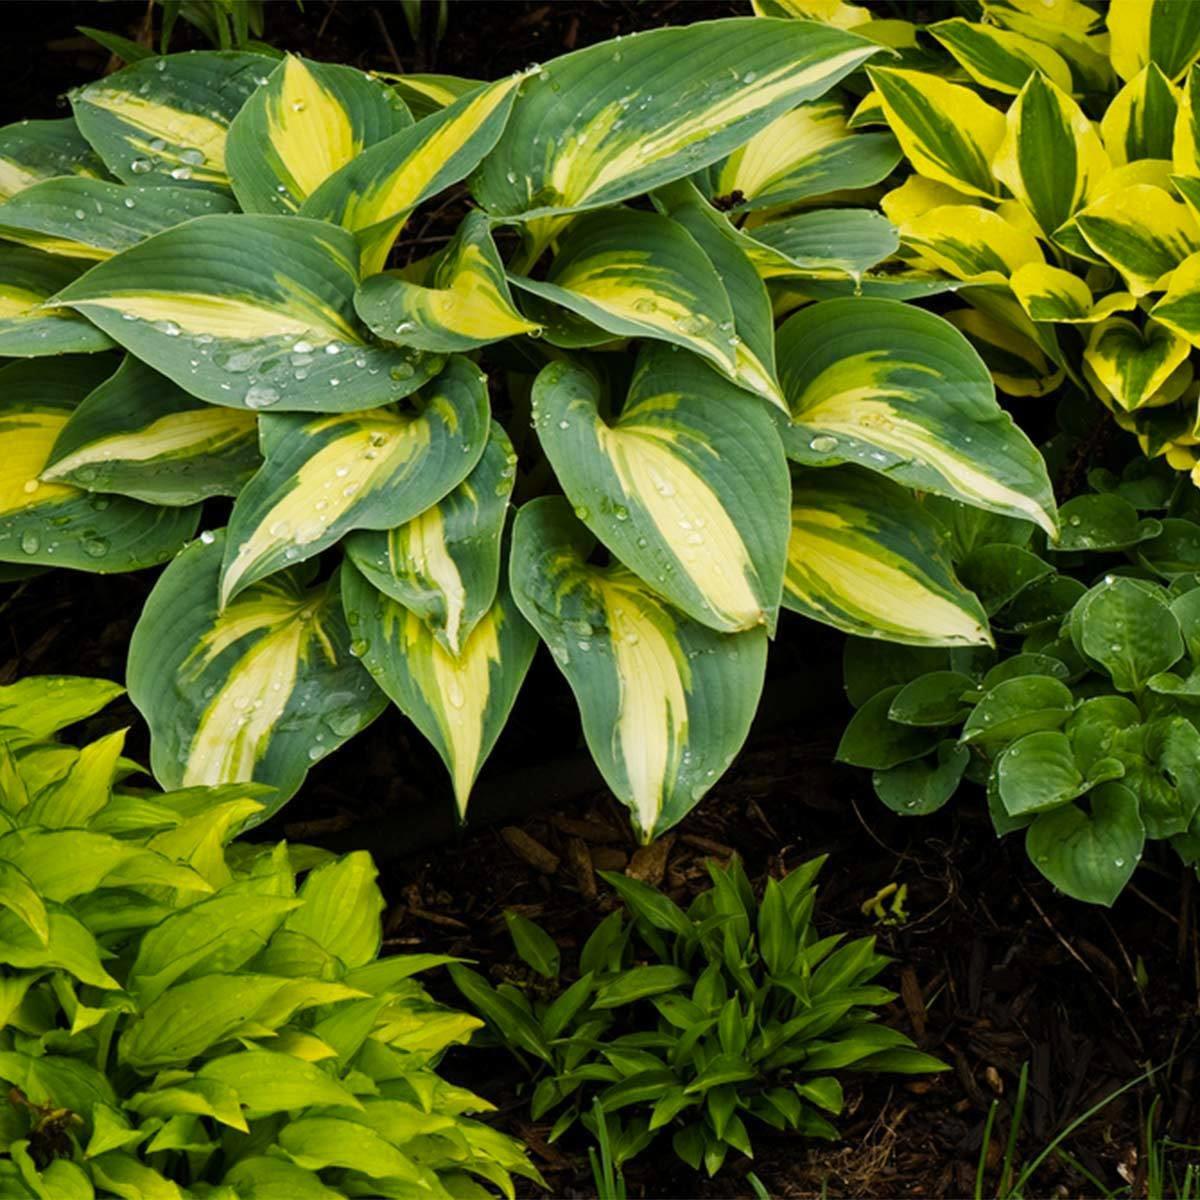 Aménagement paysager : investissez dans l'or des jardiniers.